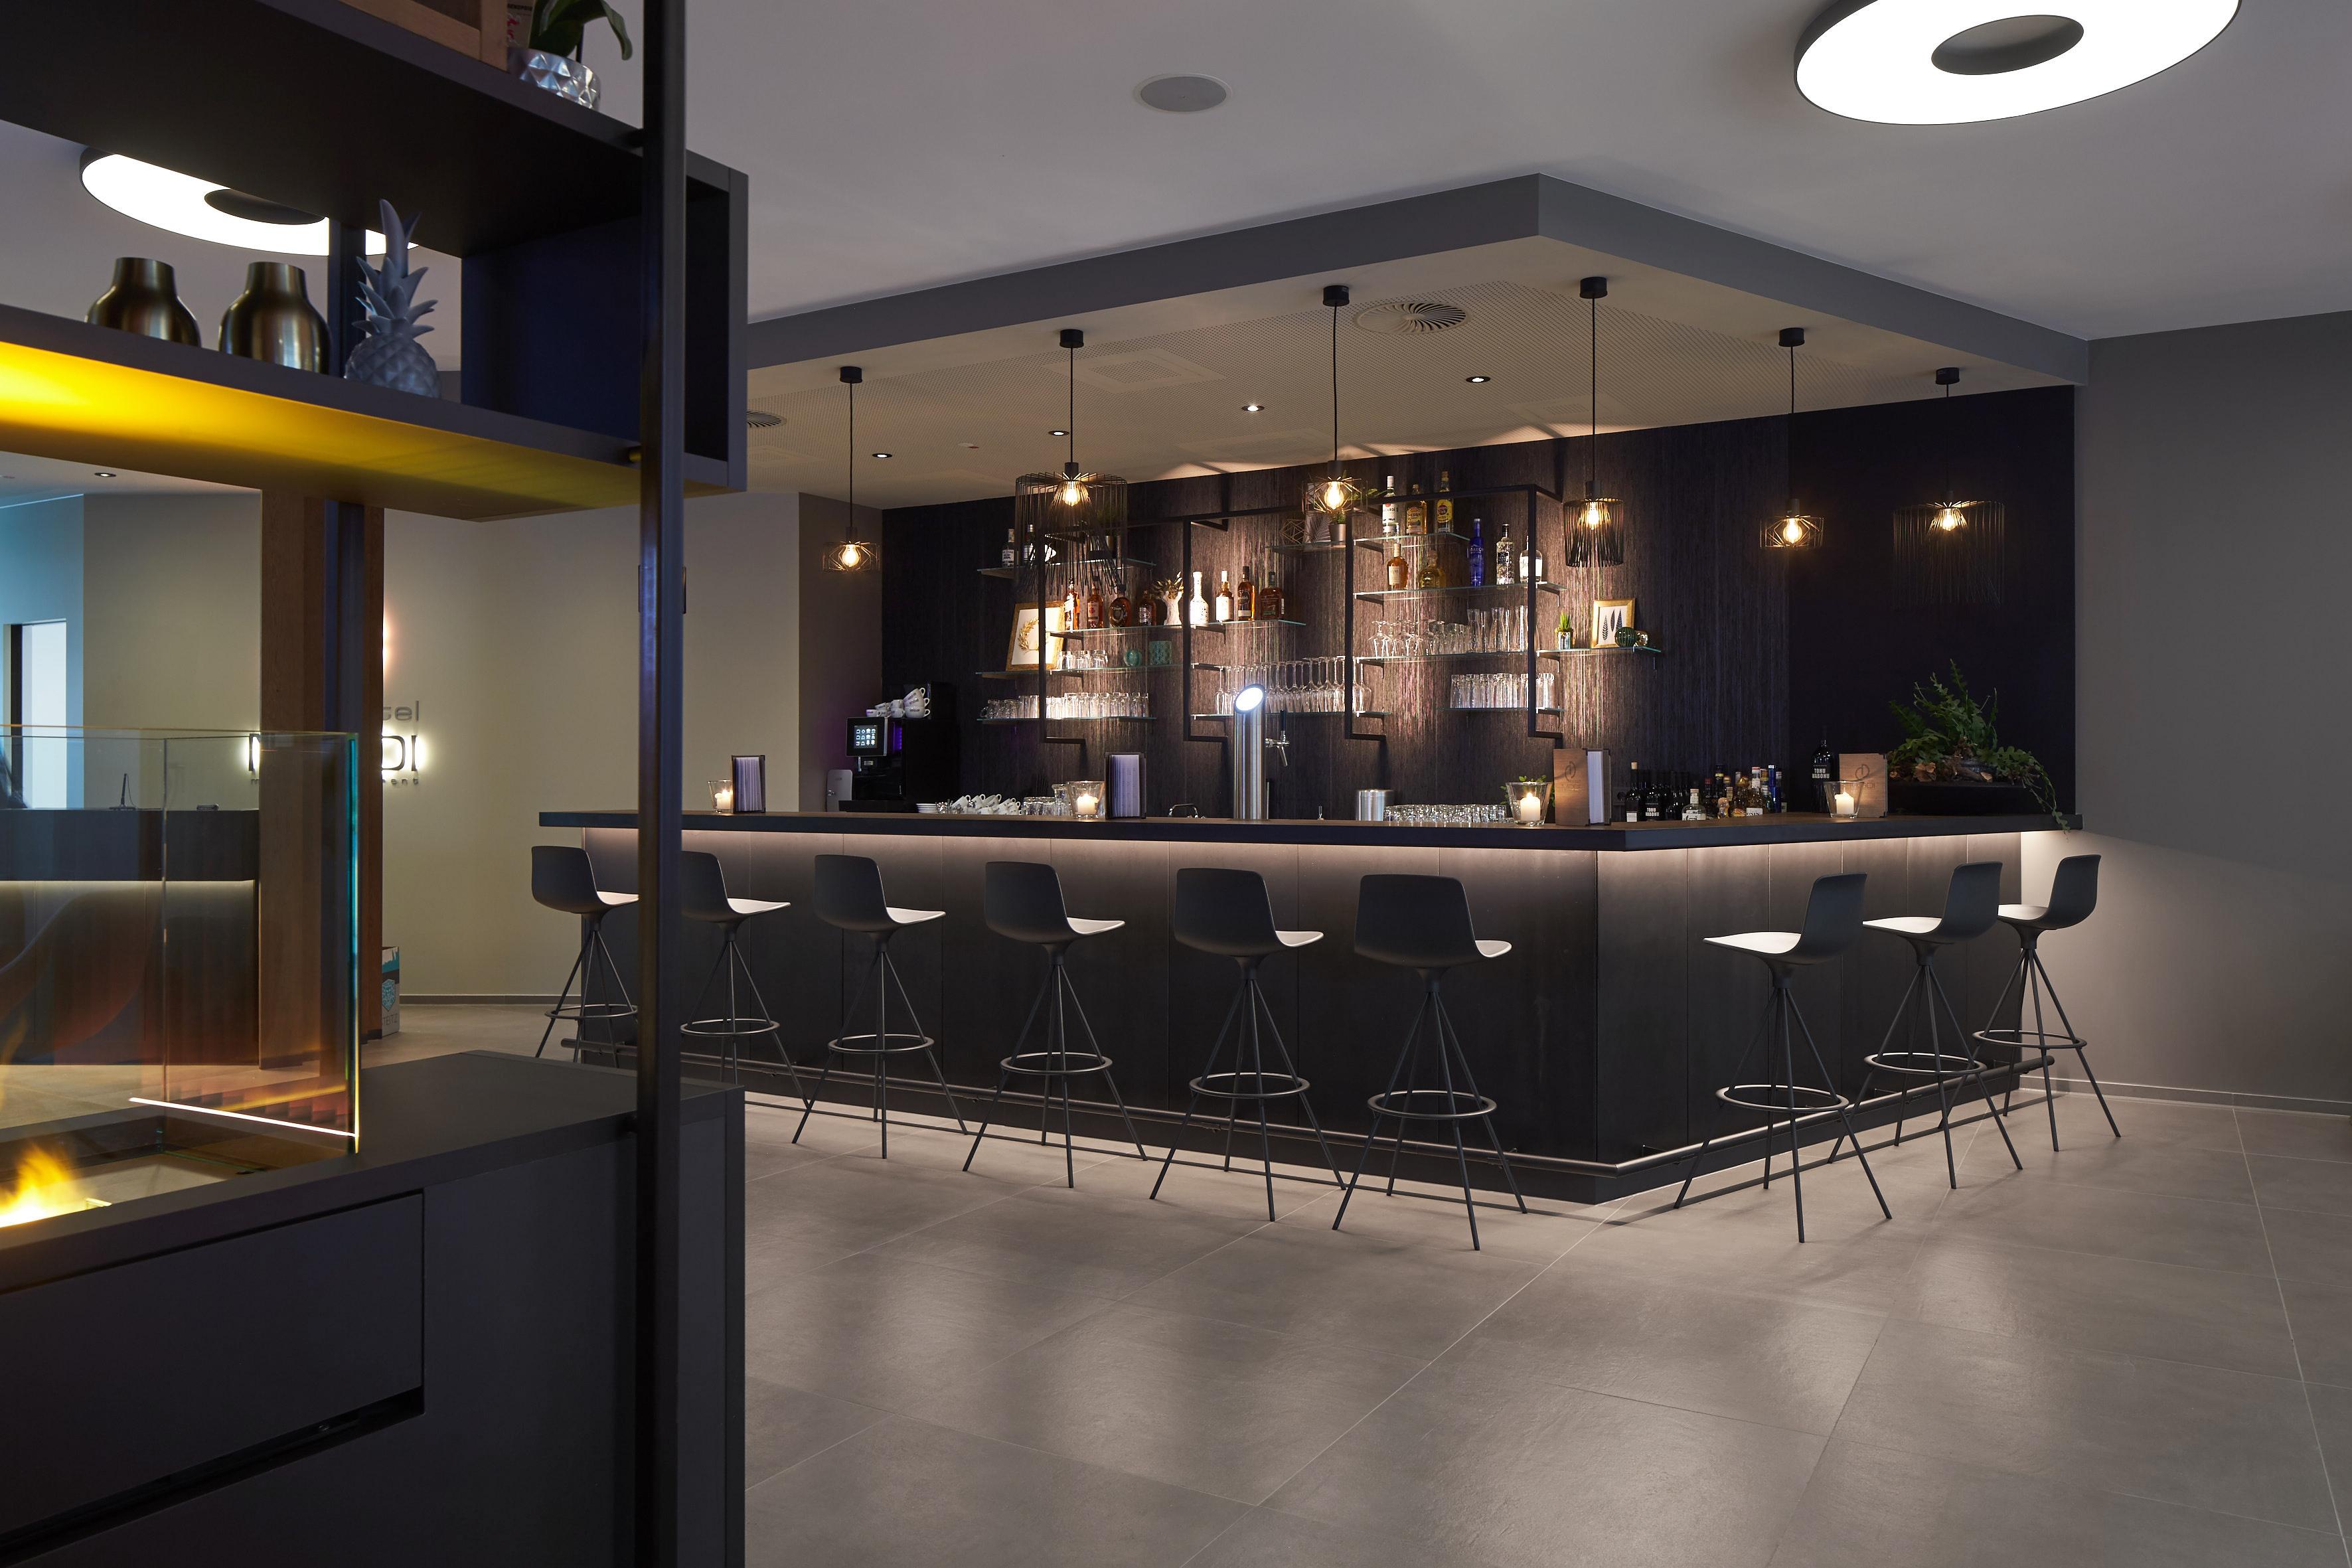 Hotel Modi bar